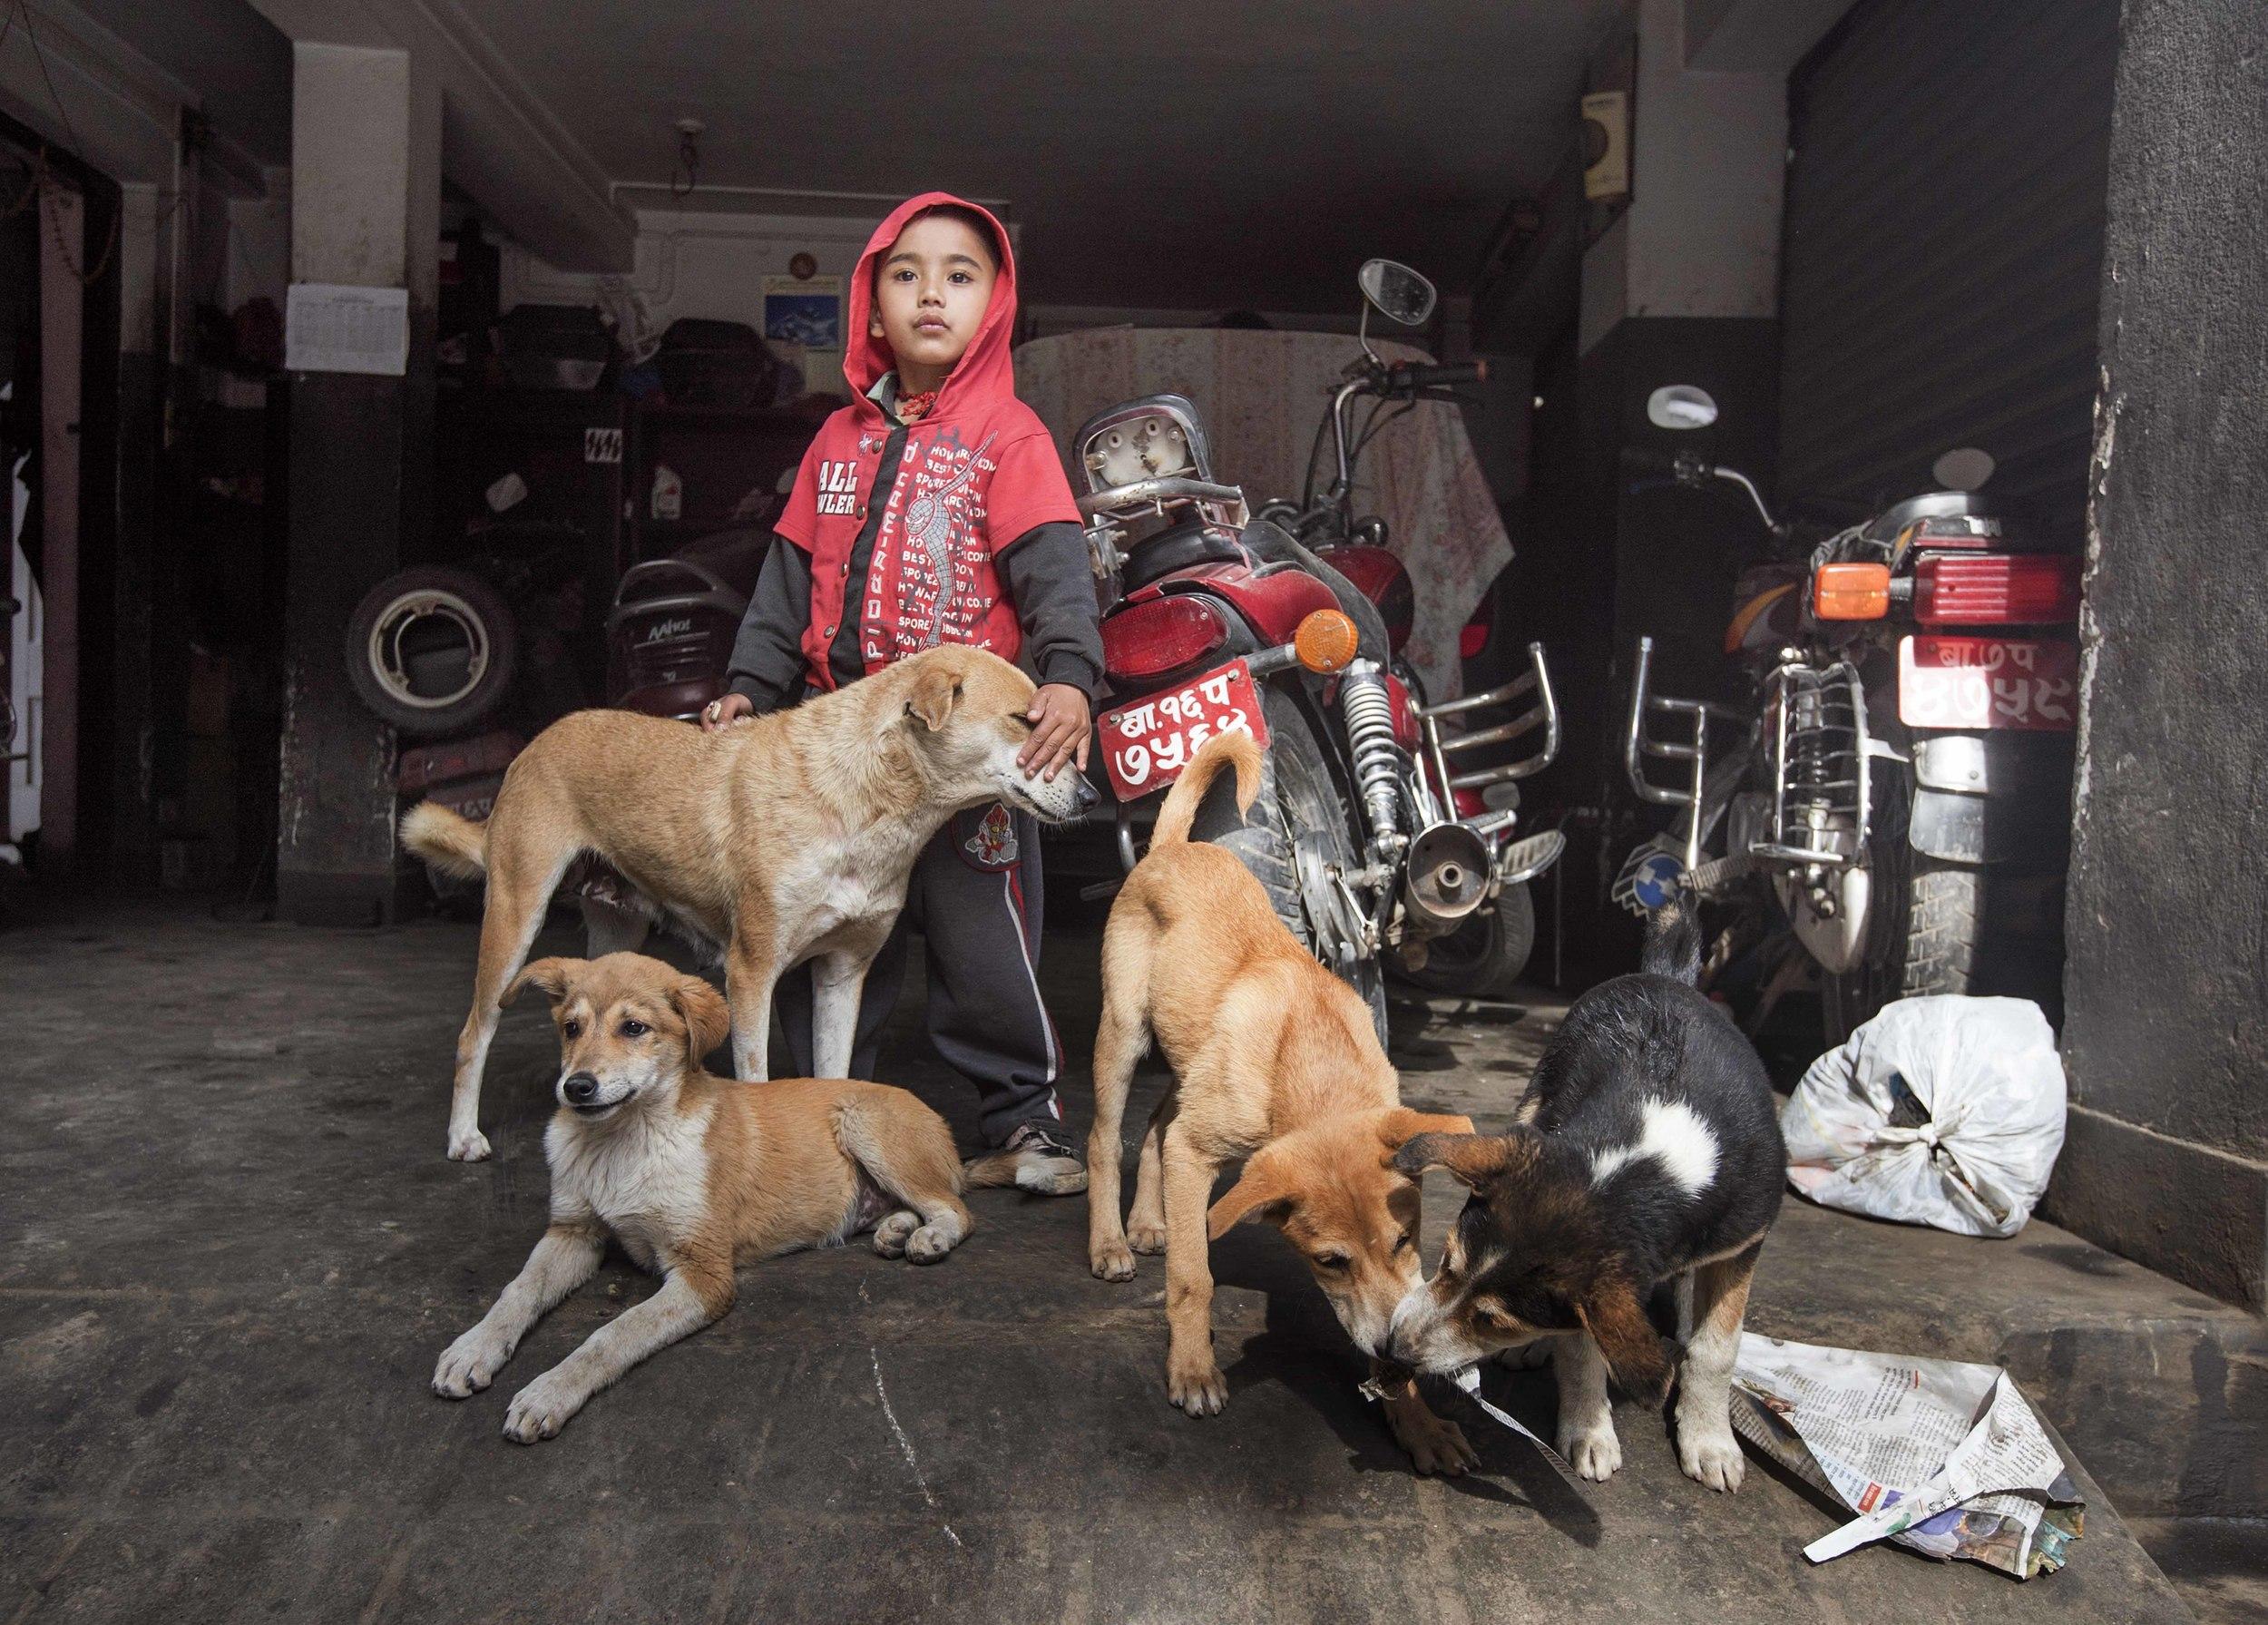 MHood_2015_04_03_Kathmandu_DSC00193_1.jpg